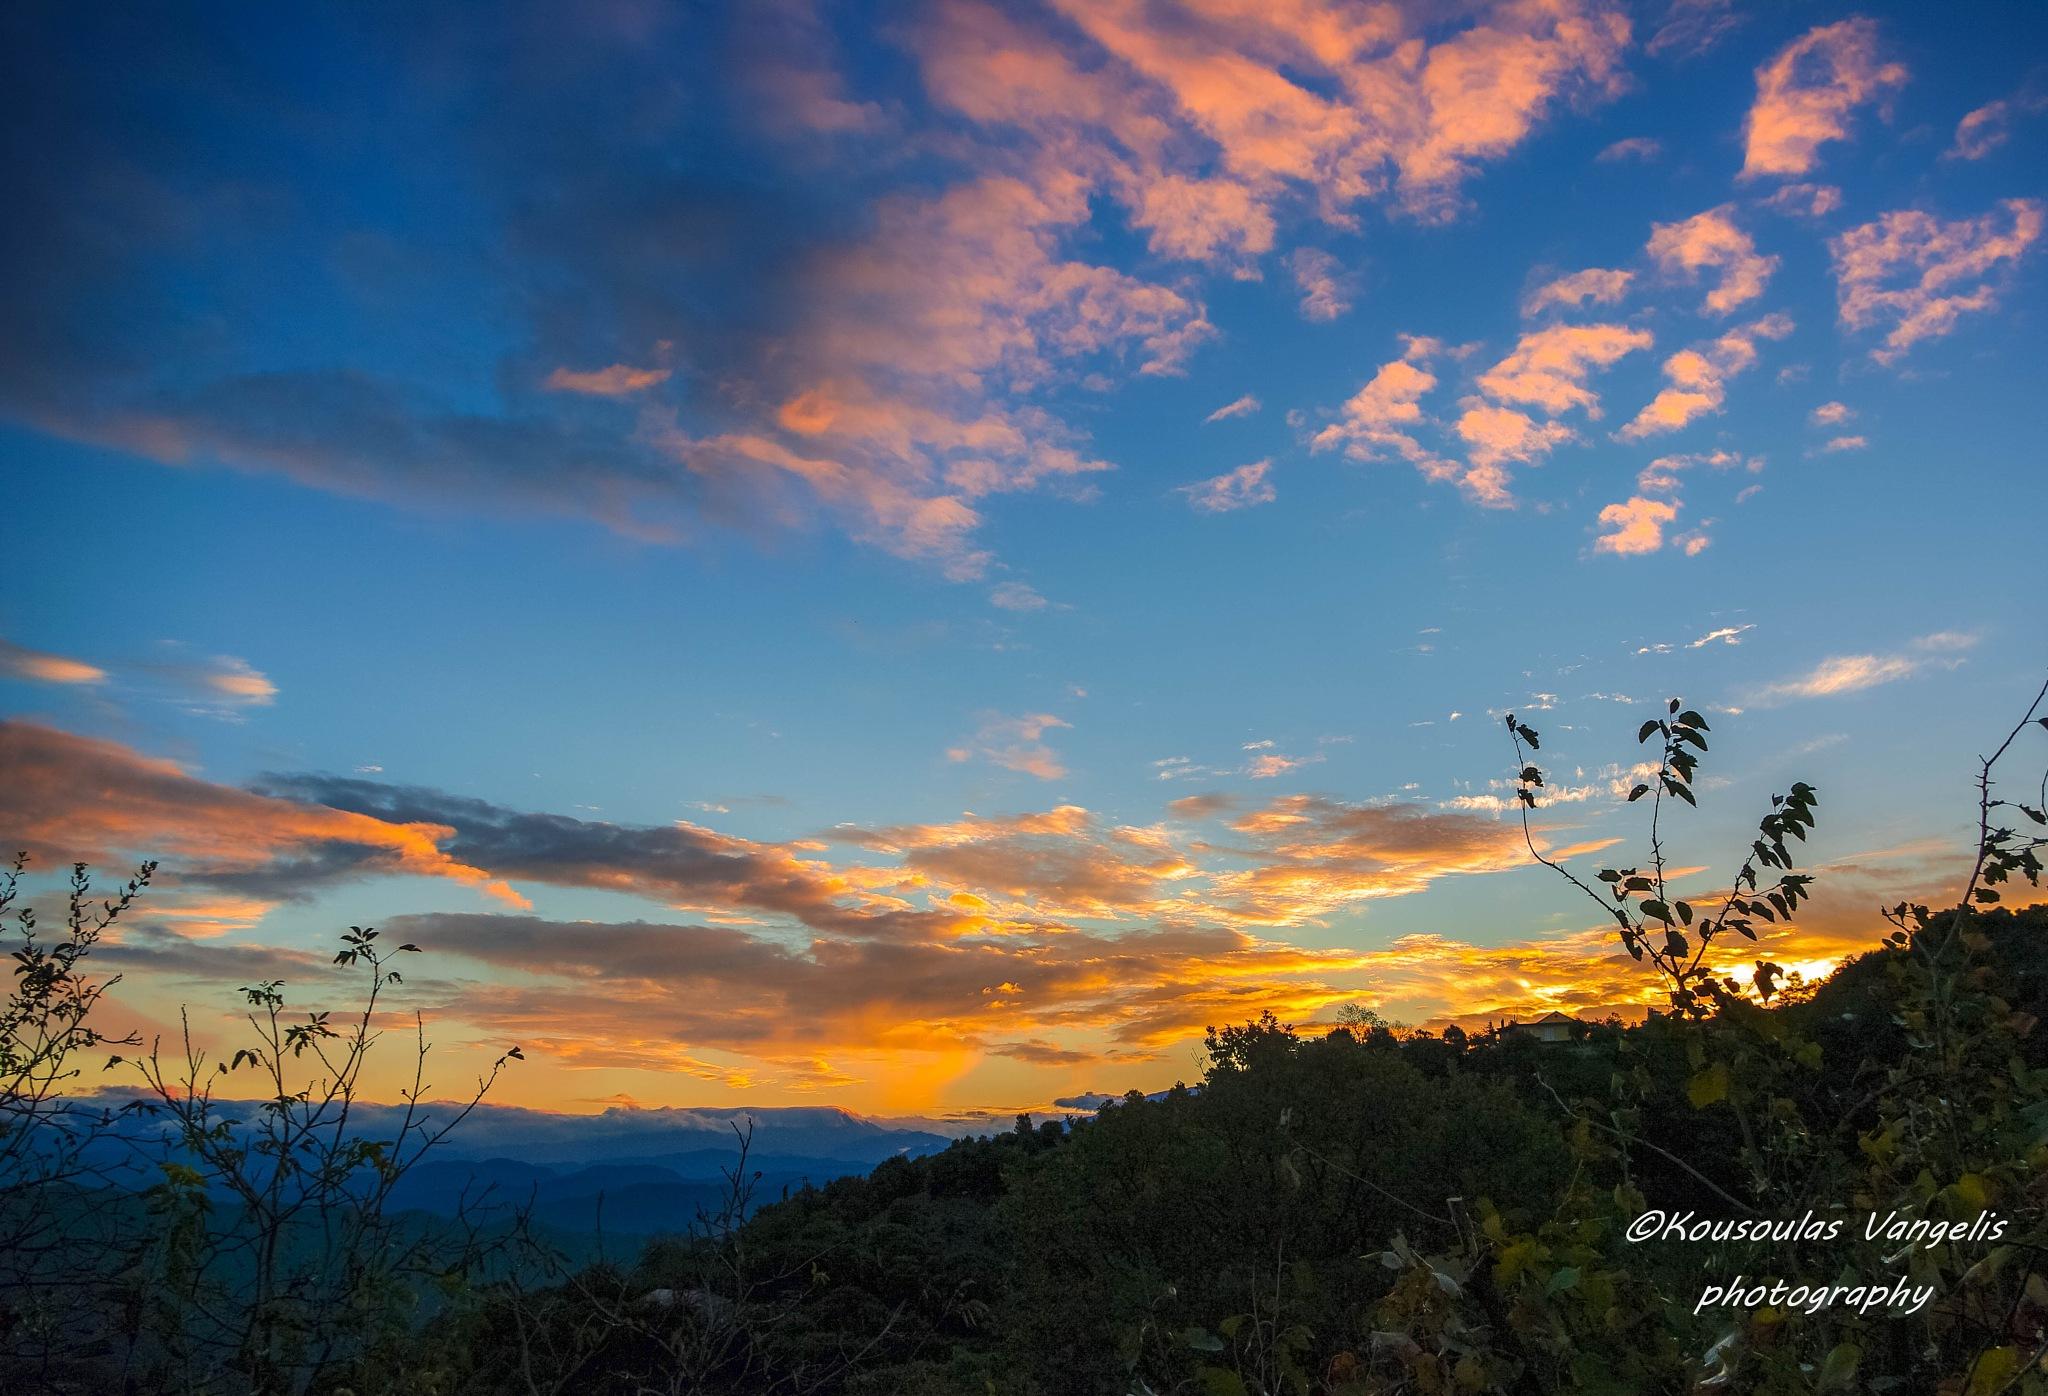 Sunrise by kousoulas vangelis